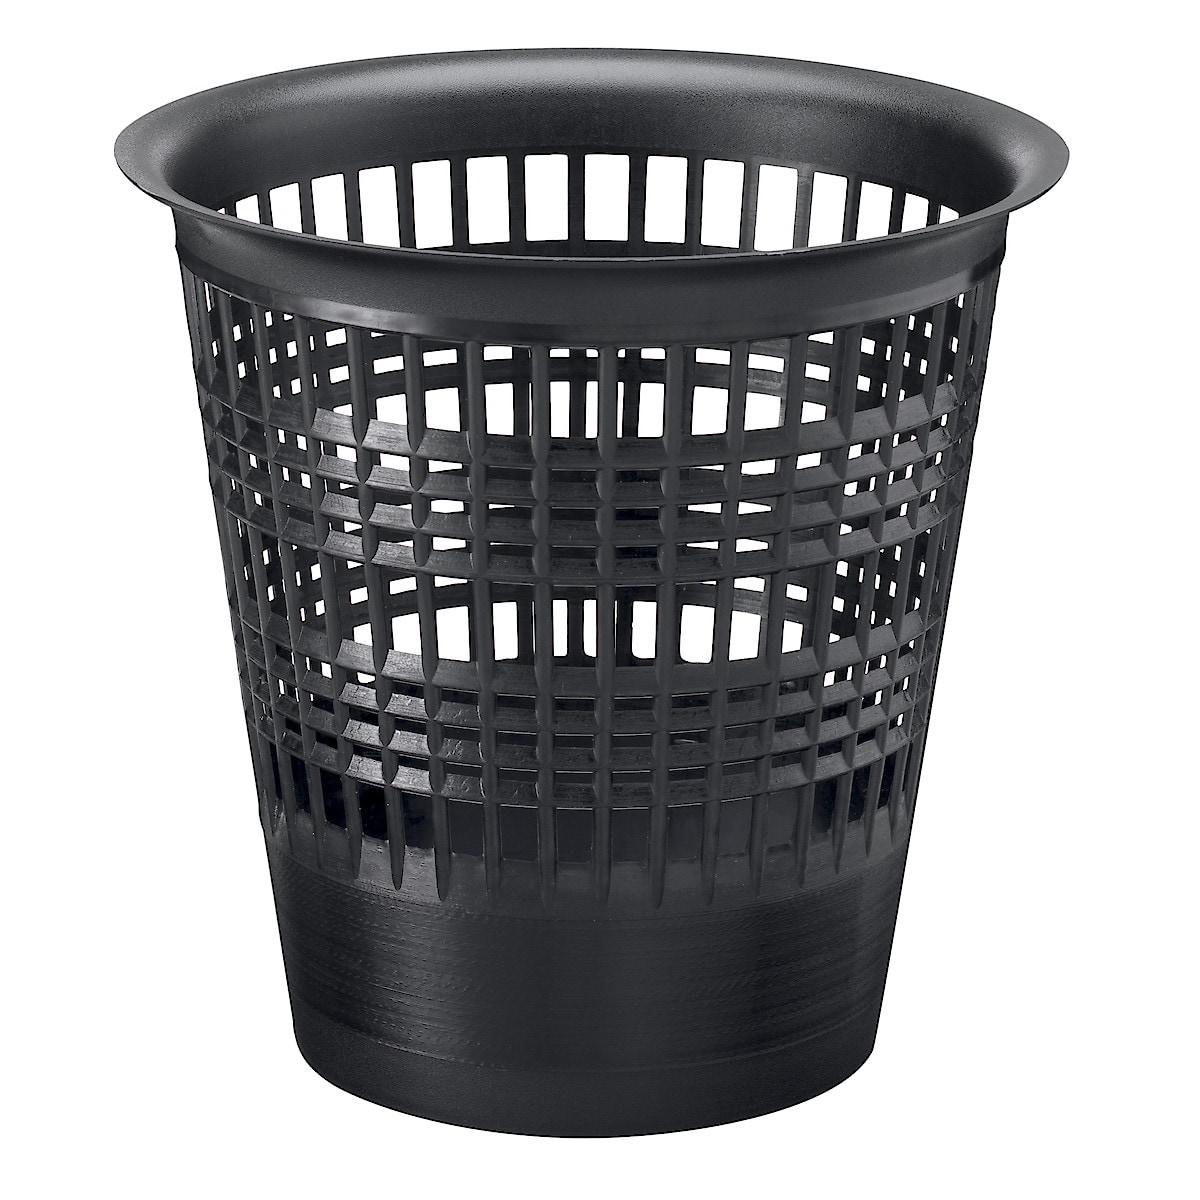 Papperskorg plast svart